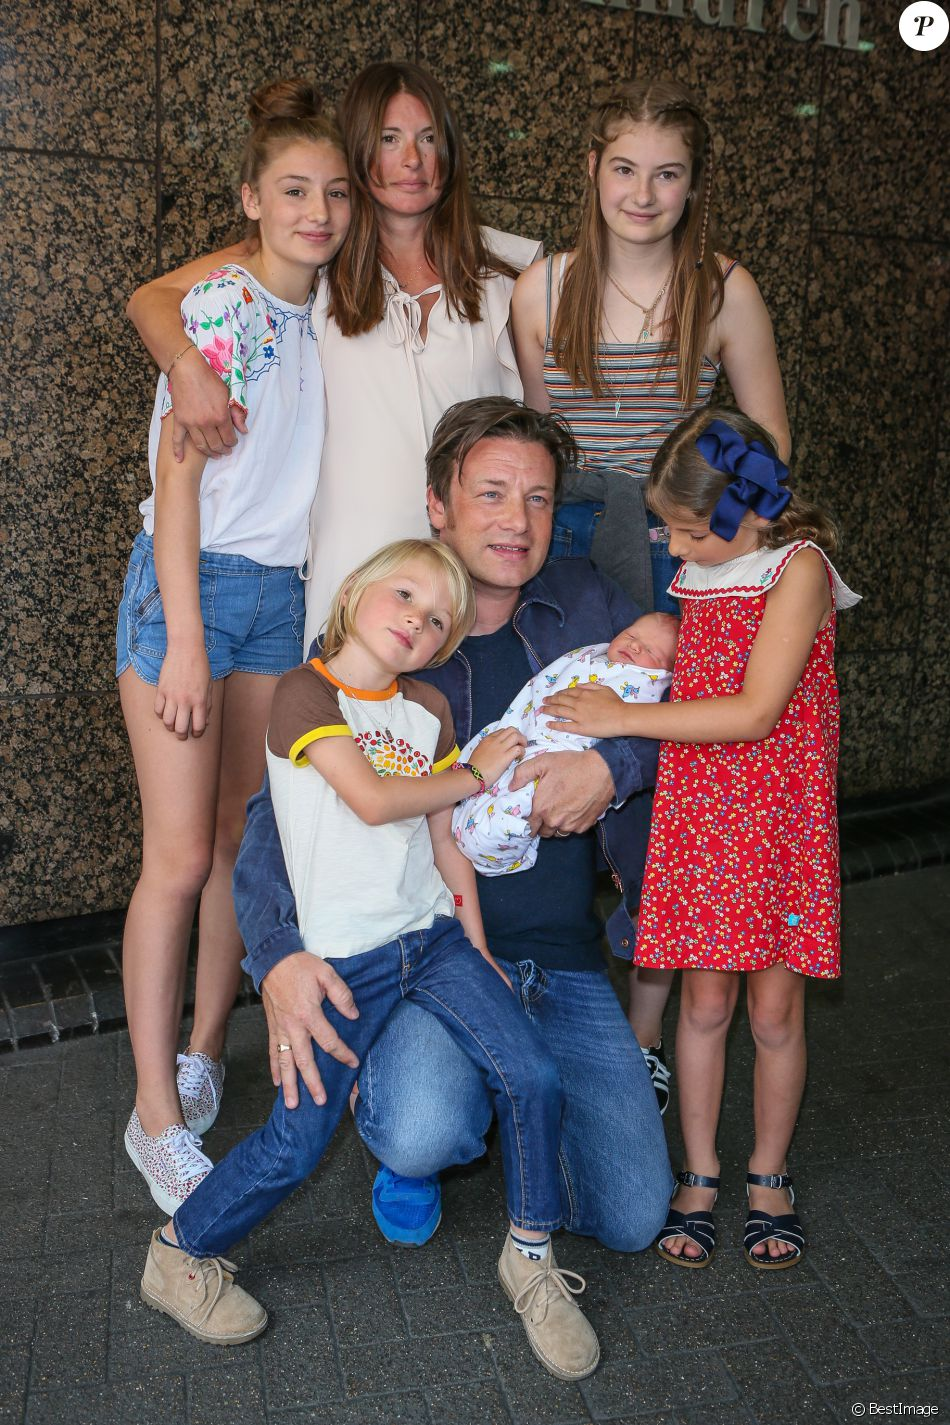 Jamie Oliver et sa femme Jools ont présenté leur 5e enfant, un garçon dont le prénom n'a pas encore été décidé, en sortant de l'hôpital Portland à Londres, le 8 août 2016 en présence de leurs enfants Poppy Honey (14 ans), Daisy Boo (12 ans), Petal Blossom (6 ans) et Buddy Bear (5 ans).